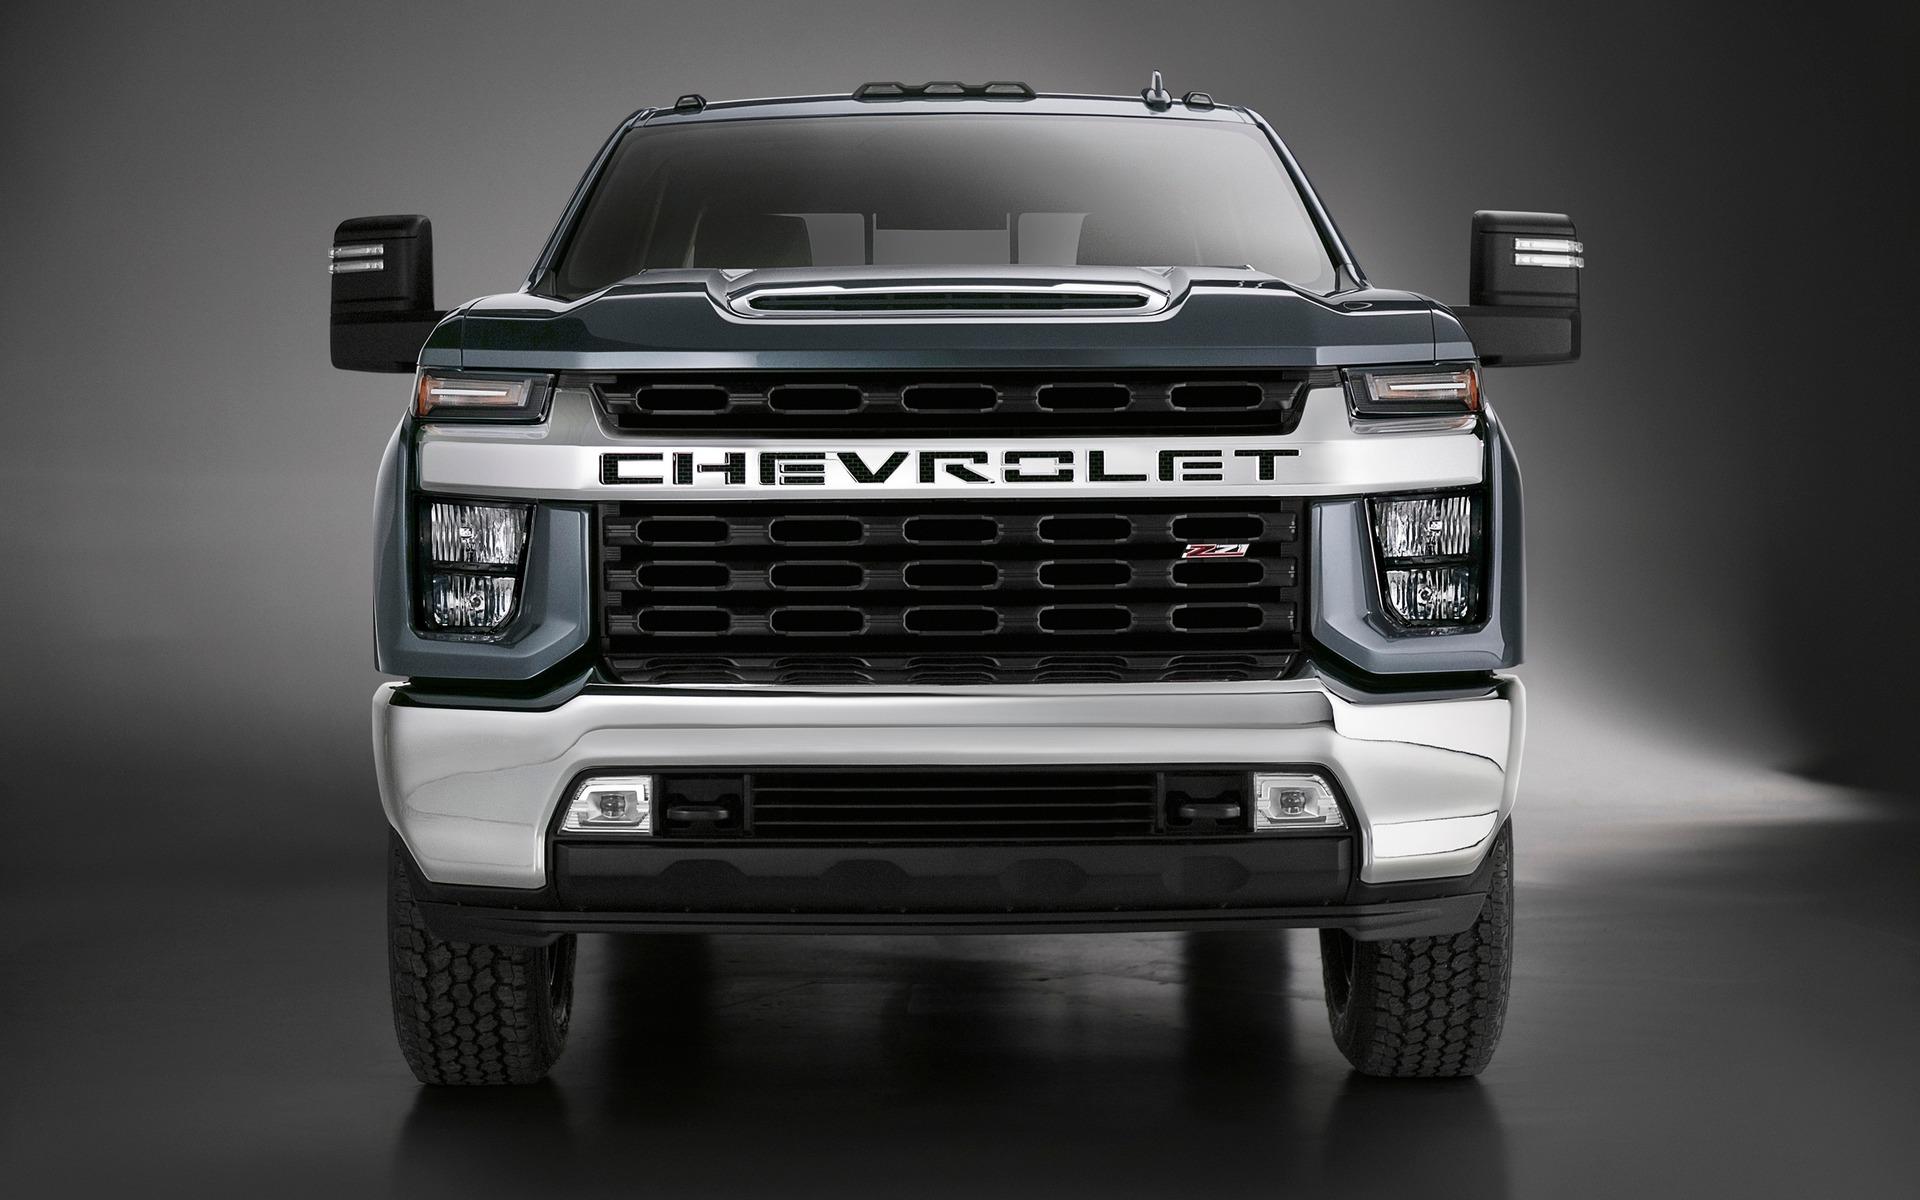 Le Chevrolet Silverado HD 2020 n'a pas l'air content 359480_Le_Chevrolet_Silverado_HD_2020_n_a_pas_l_air_content